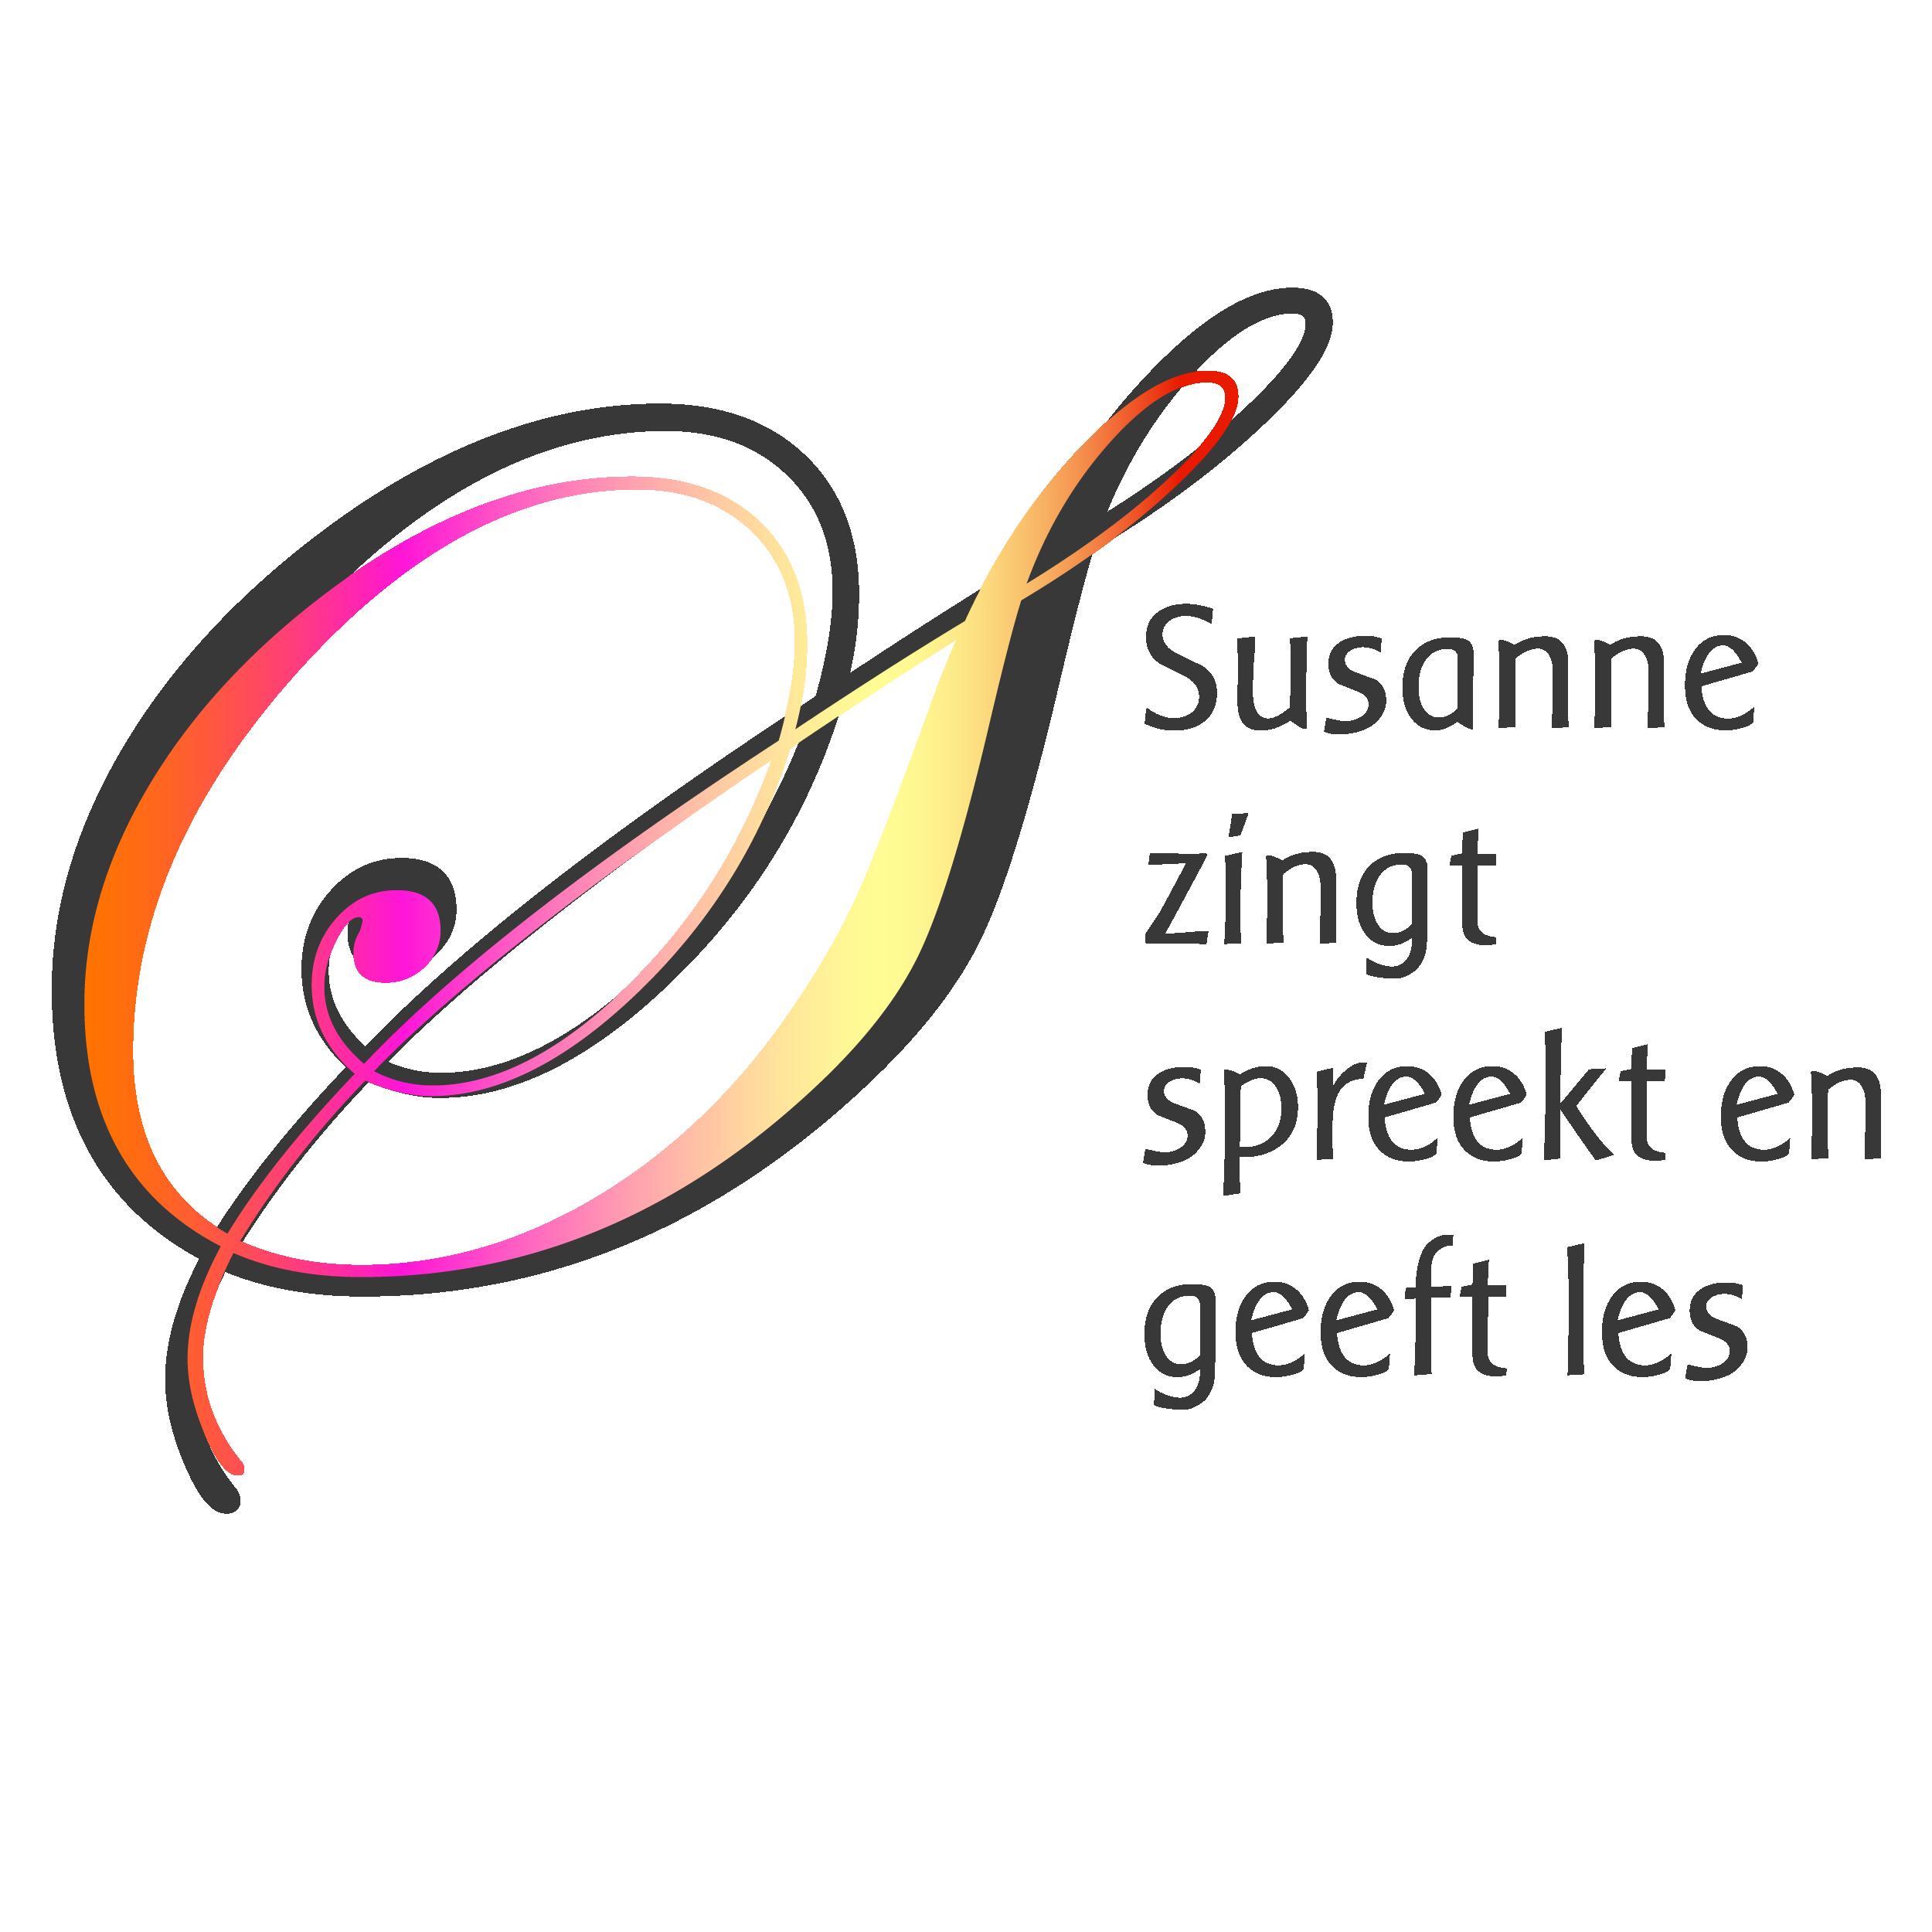 Susanne zingt en geeft les